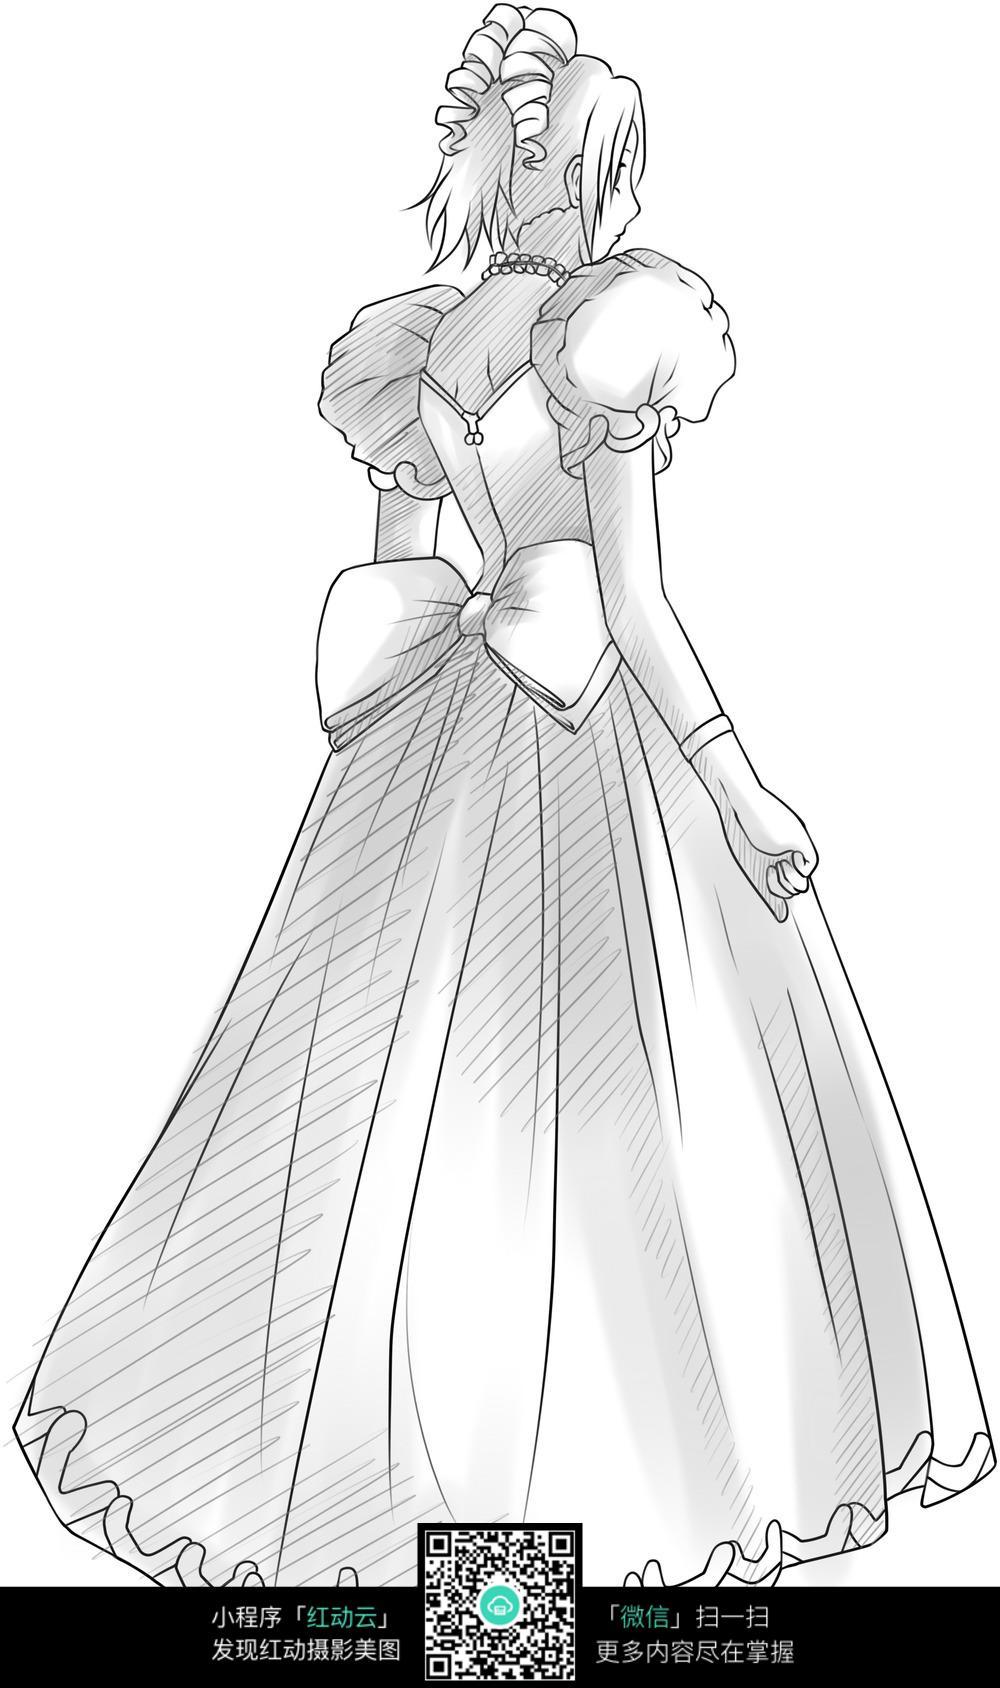 穿着晚礼服的女郎背影漫画图_人物卡通图片